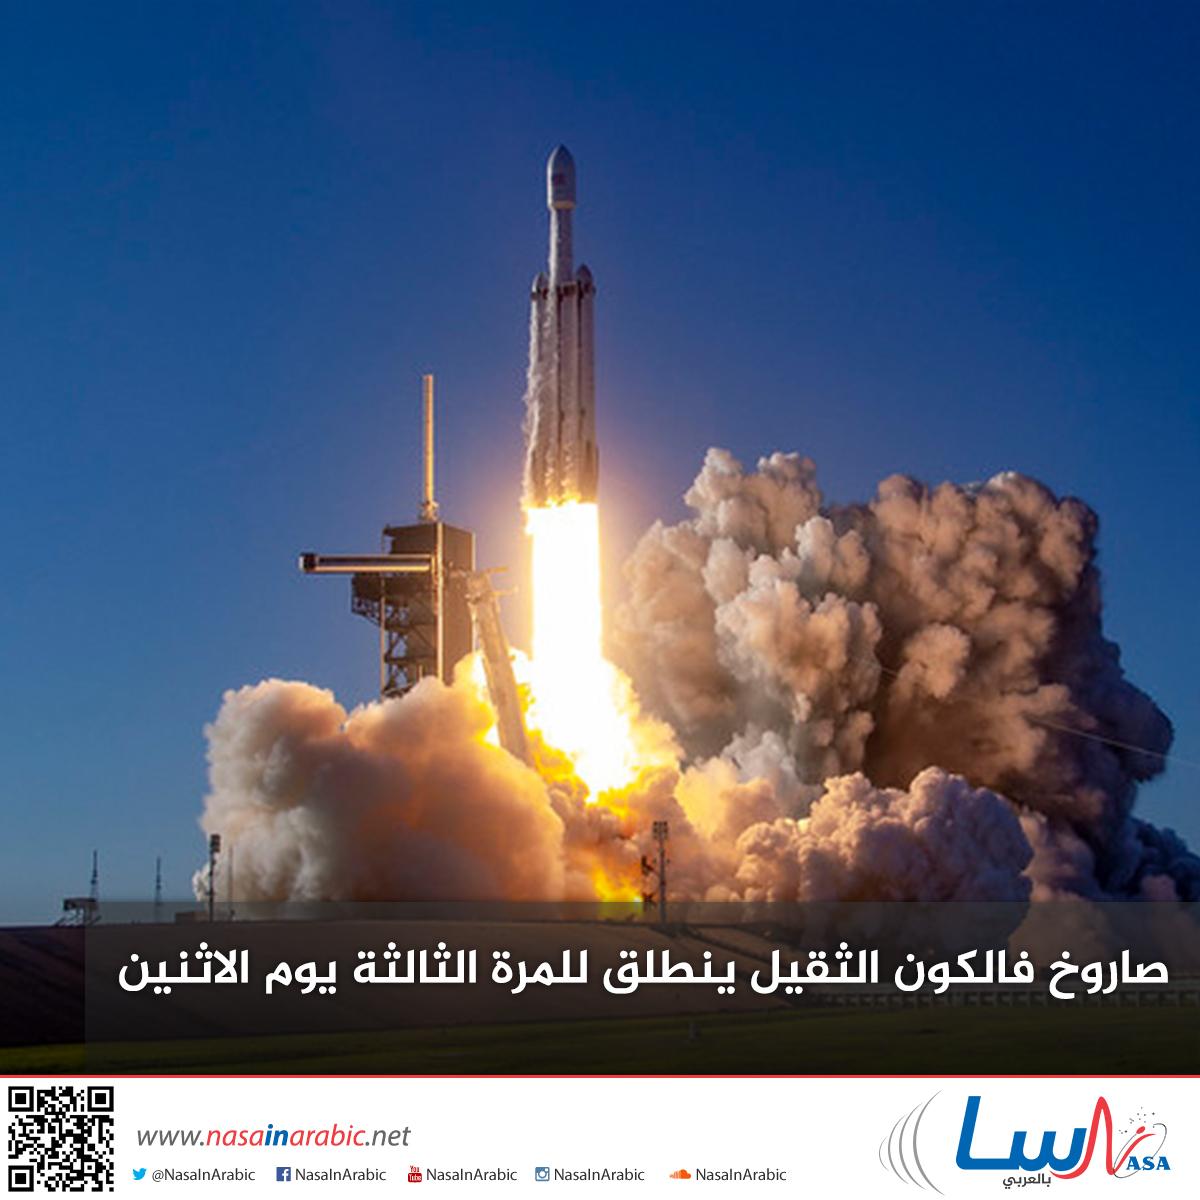 صاروخ فالكون الثقيل ينطلق للمرة الثالثة يوم الاثنين